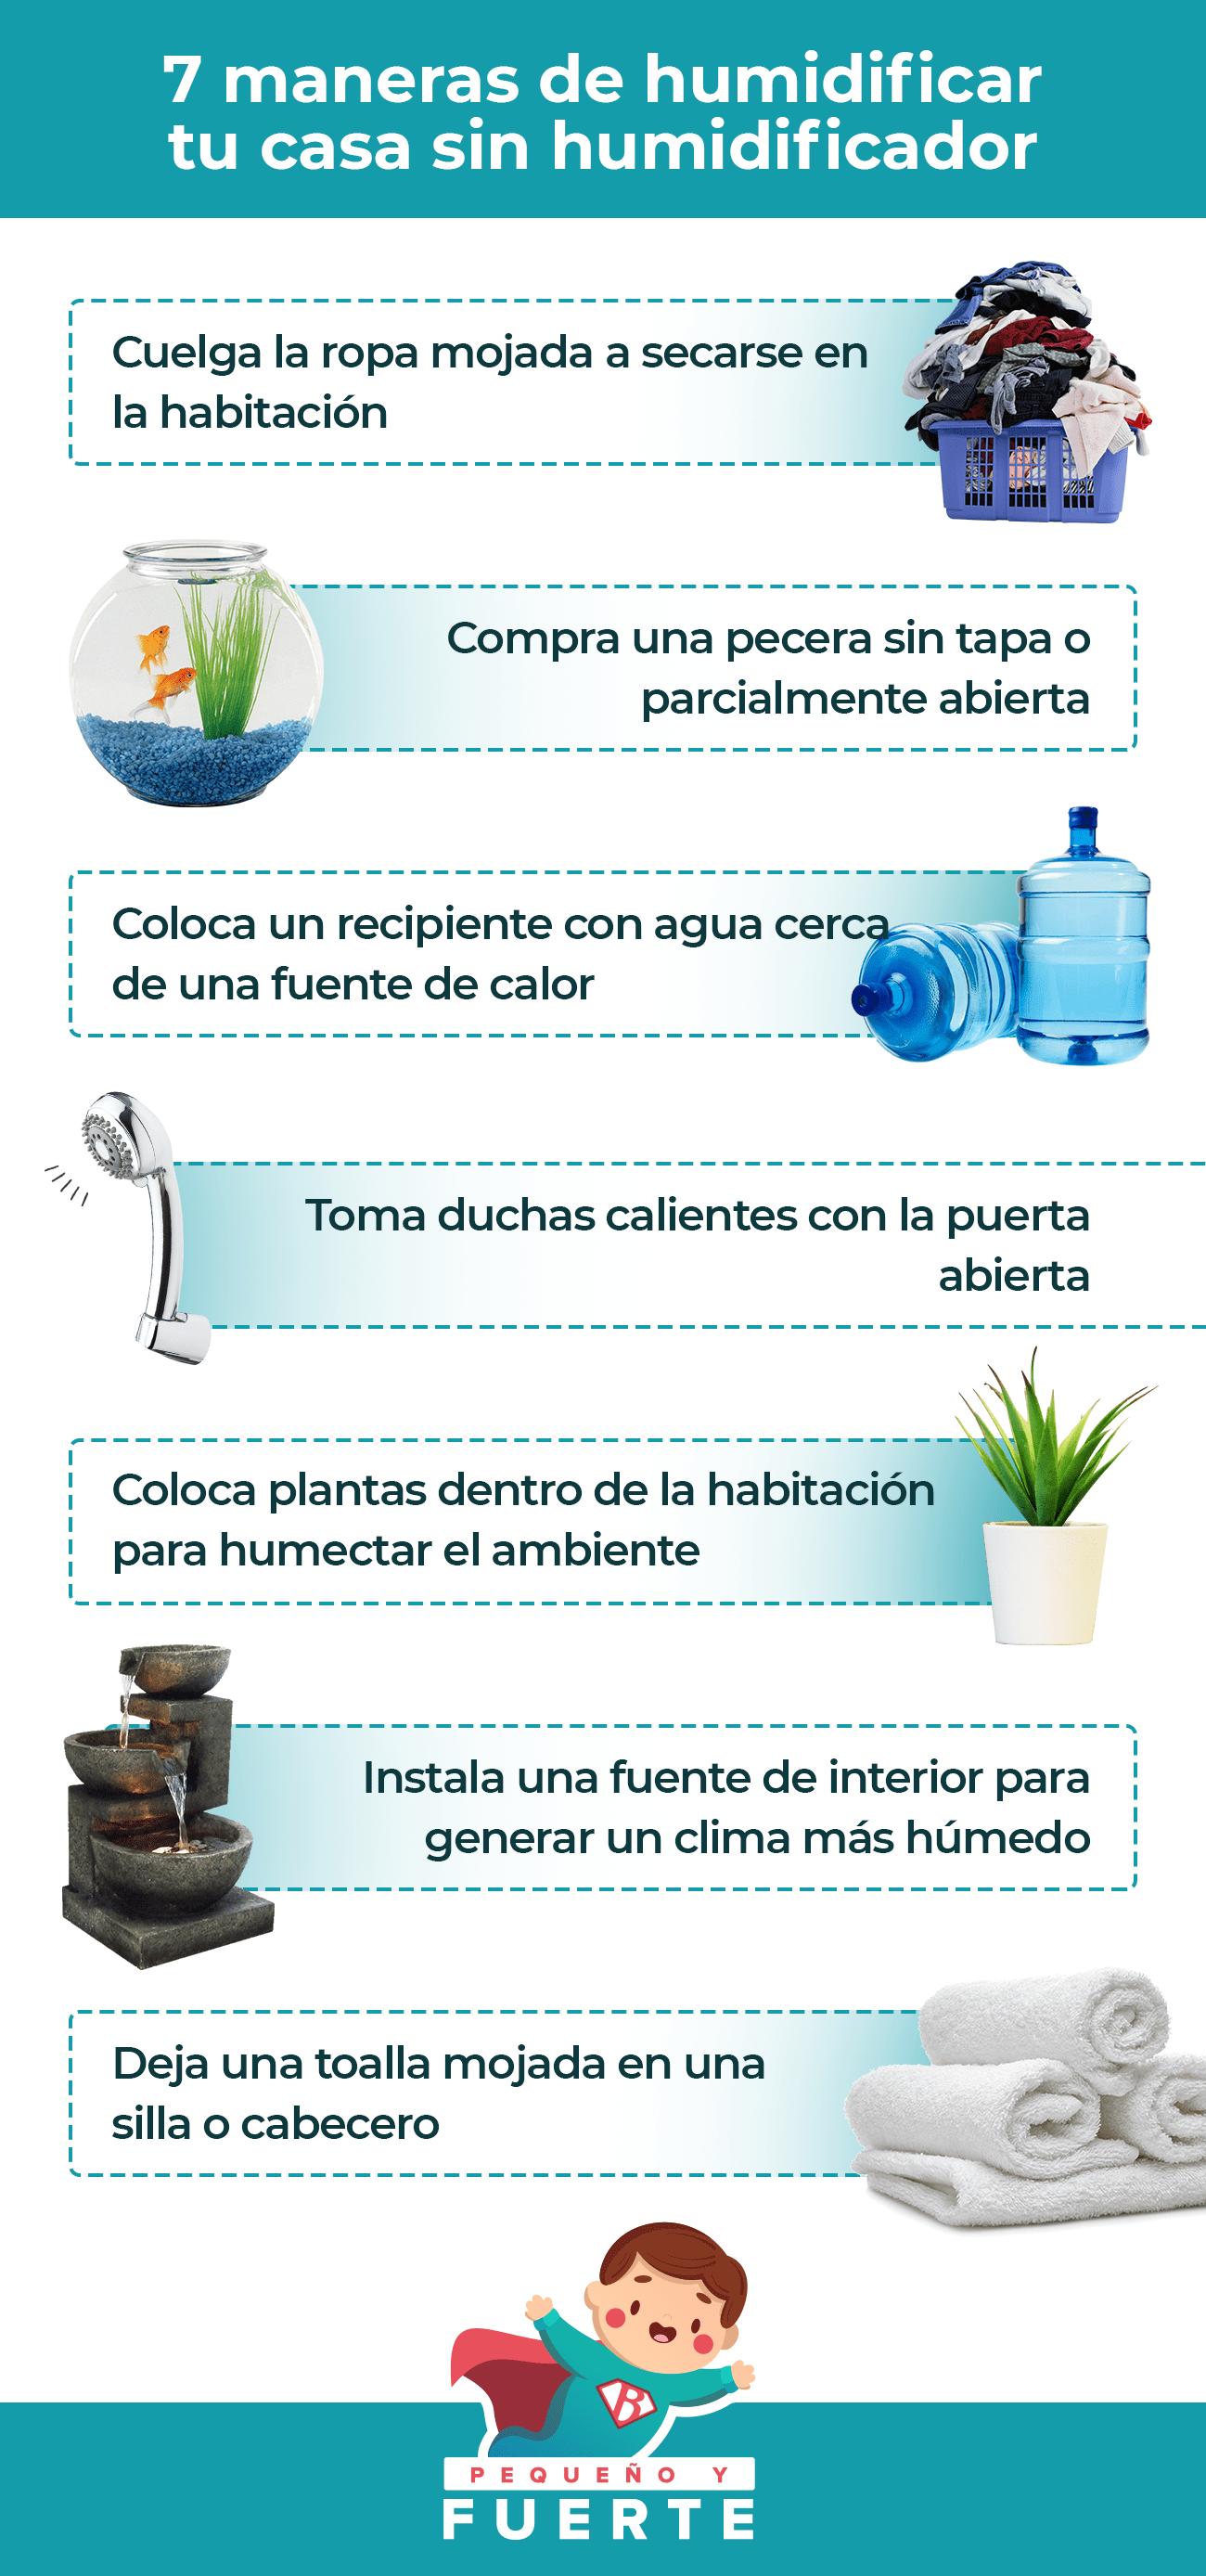 humidificar el aire modos maneras